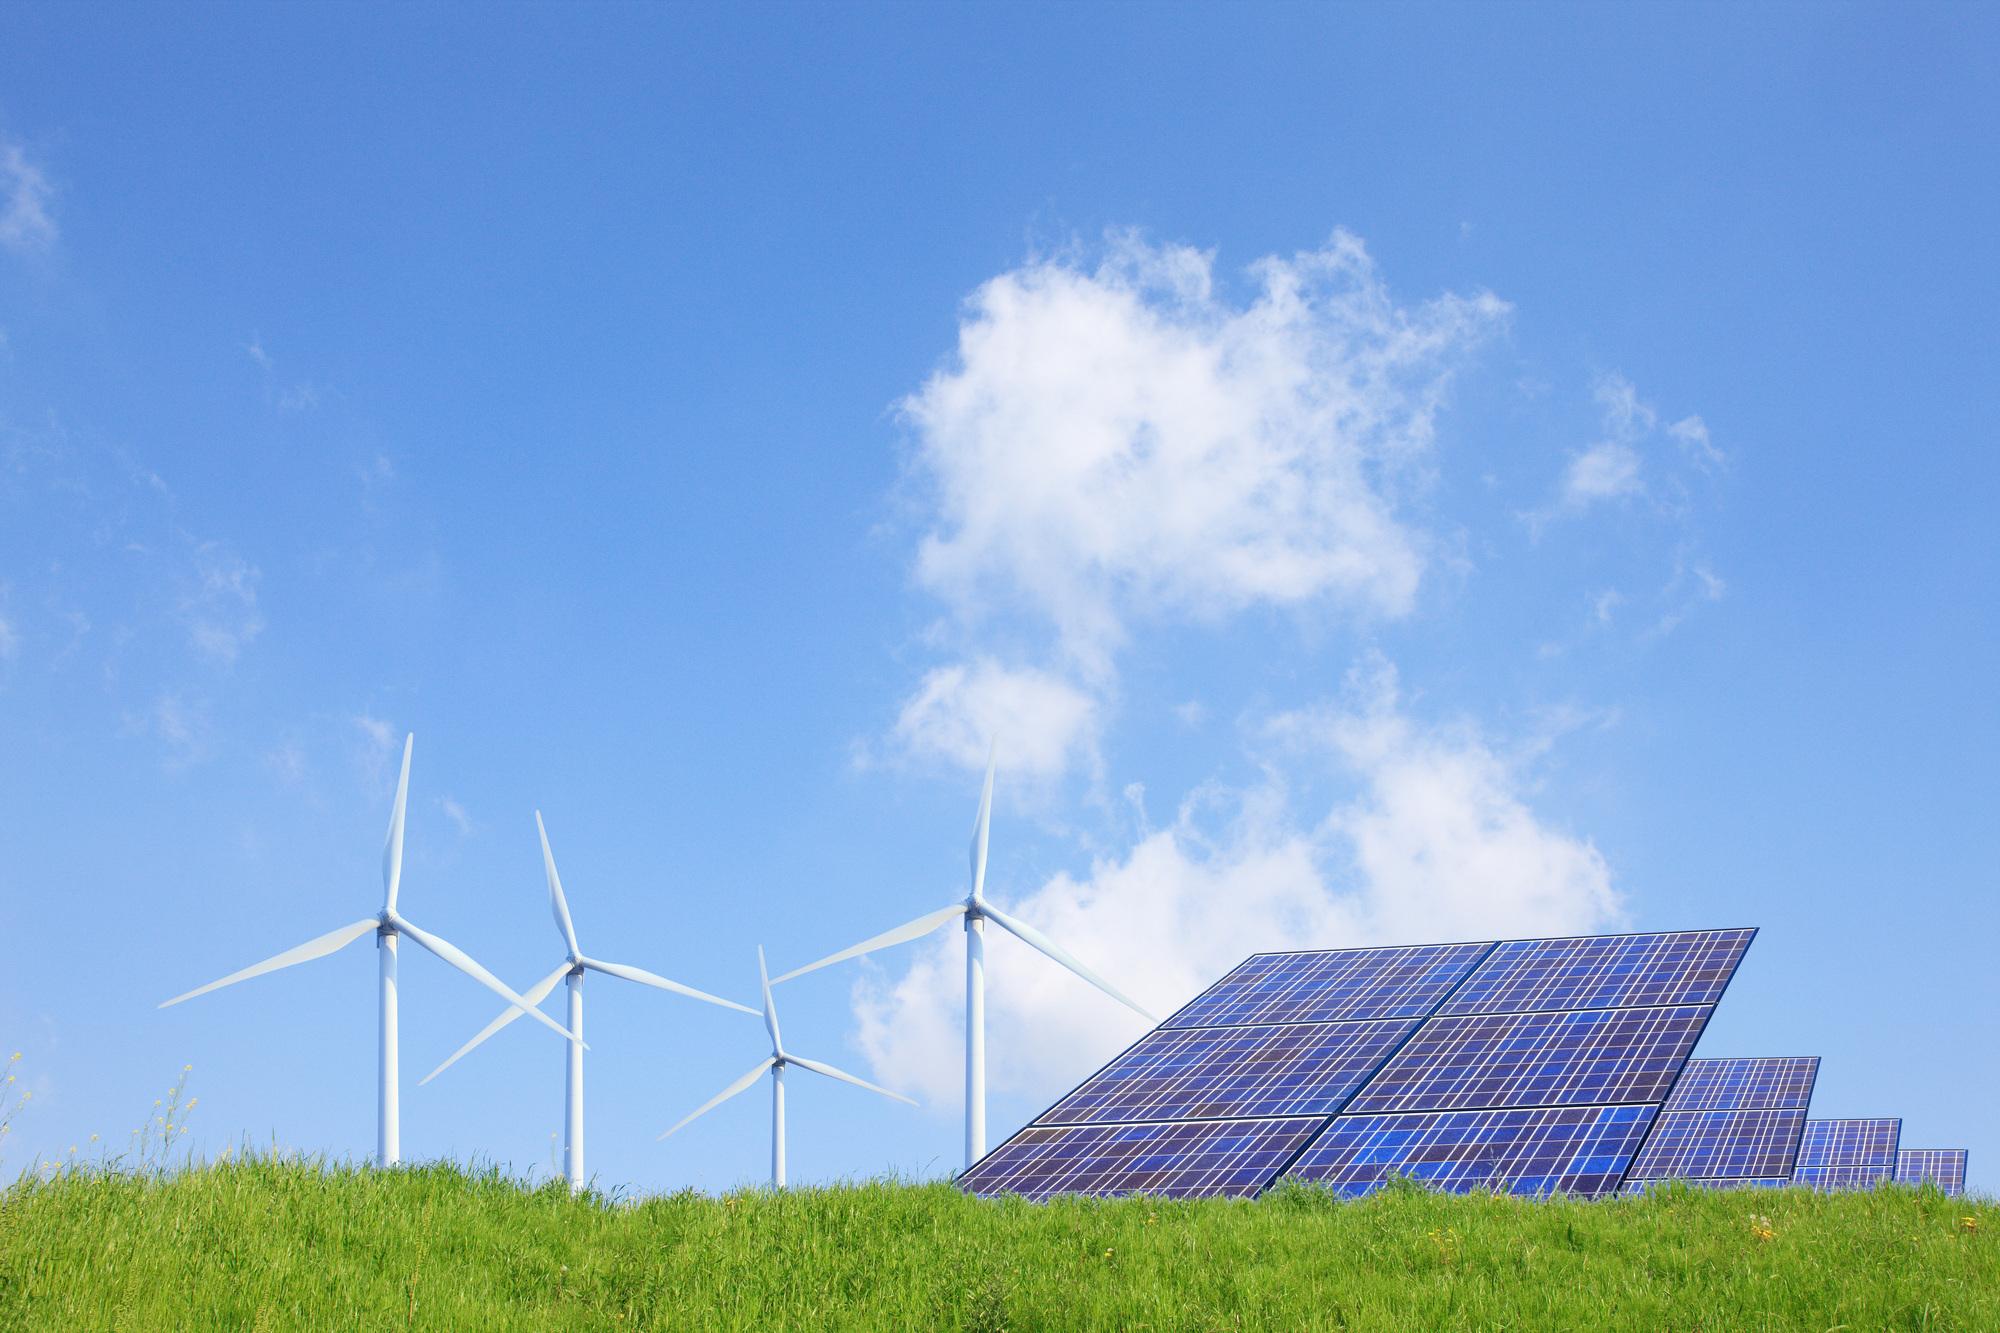 これから太陽光発電投資を始めた場合、補助金は出るの?